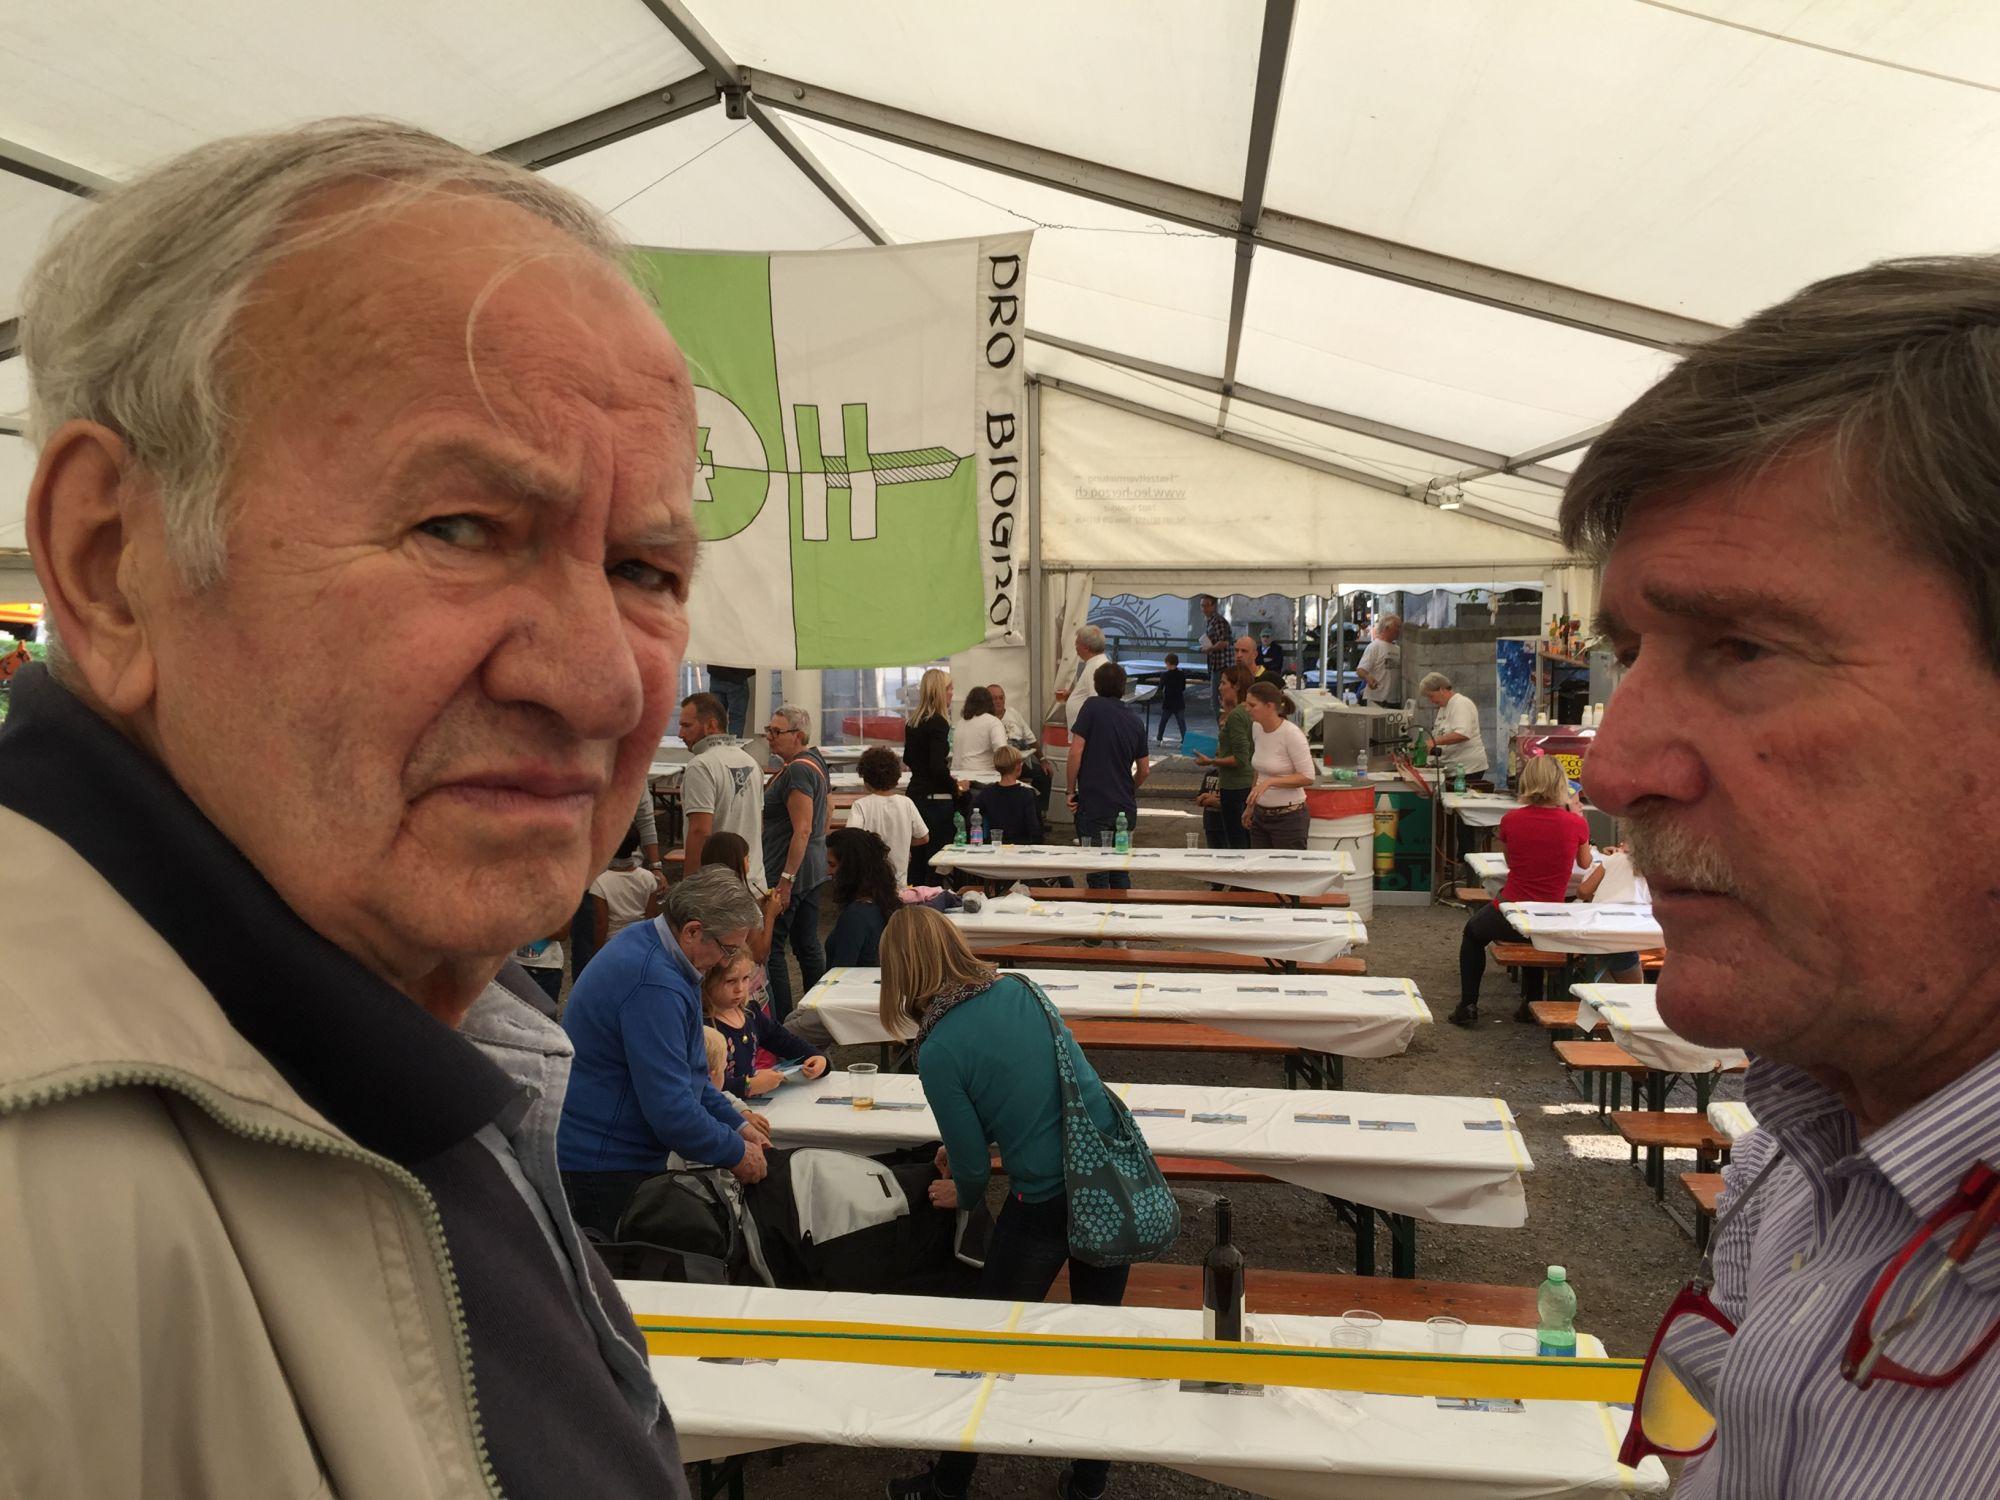 12.09.2015 - Giuria Artisti in Erba a Breganzona. Luciano Gatti con Jean Marc Bühler.